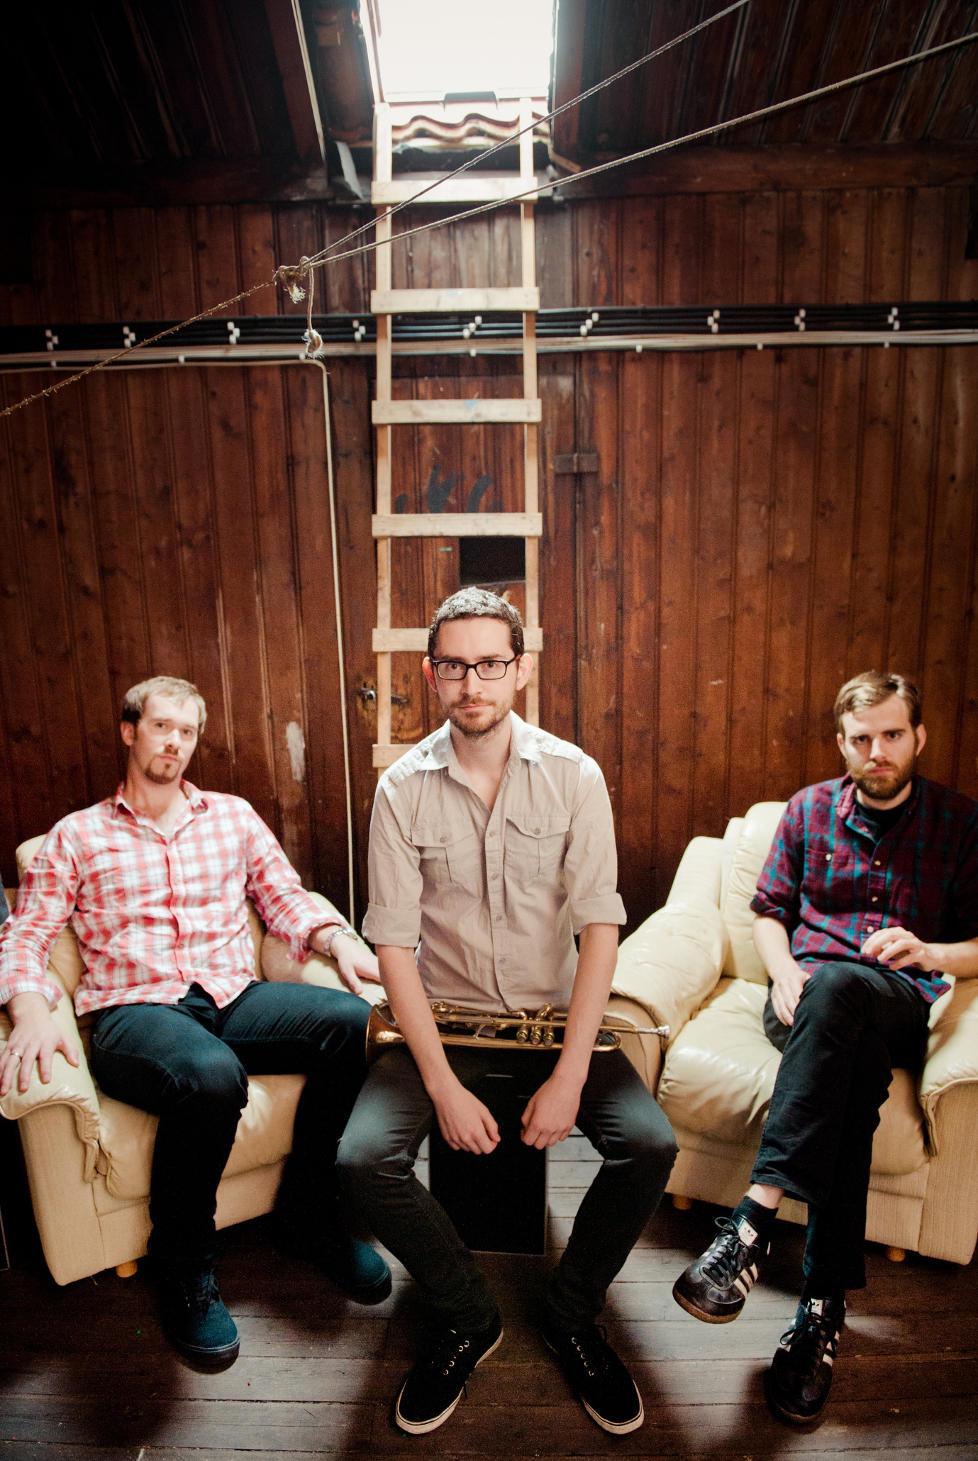 GUTTA P� LOFTET: Hayden Powell (midten) albumdebuterer som leder med �The Attic�, og sitter under takluka sammen med pianist Eyolf Dale (tv) og bassist Jo Skaansar. FOTO: HJEMMESIDE